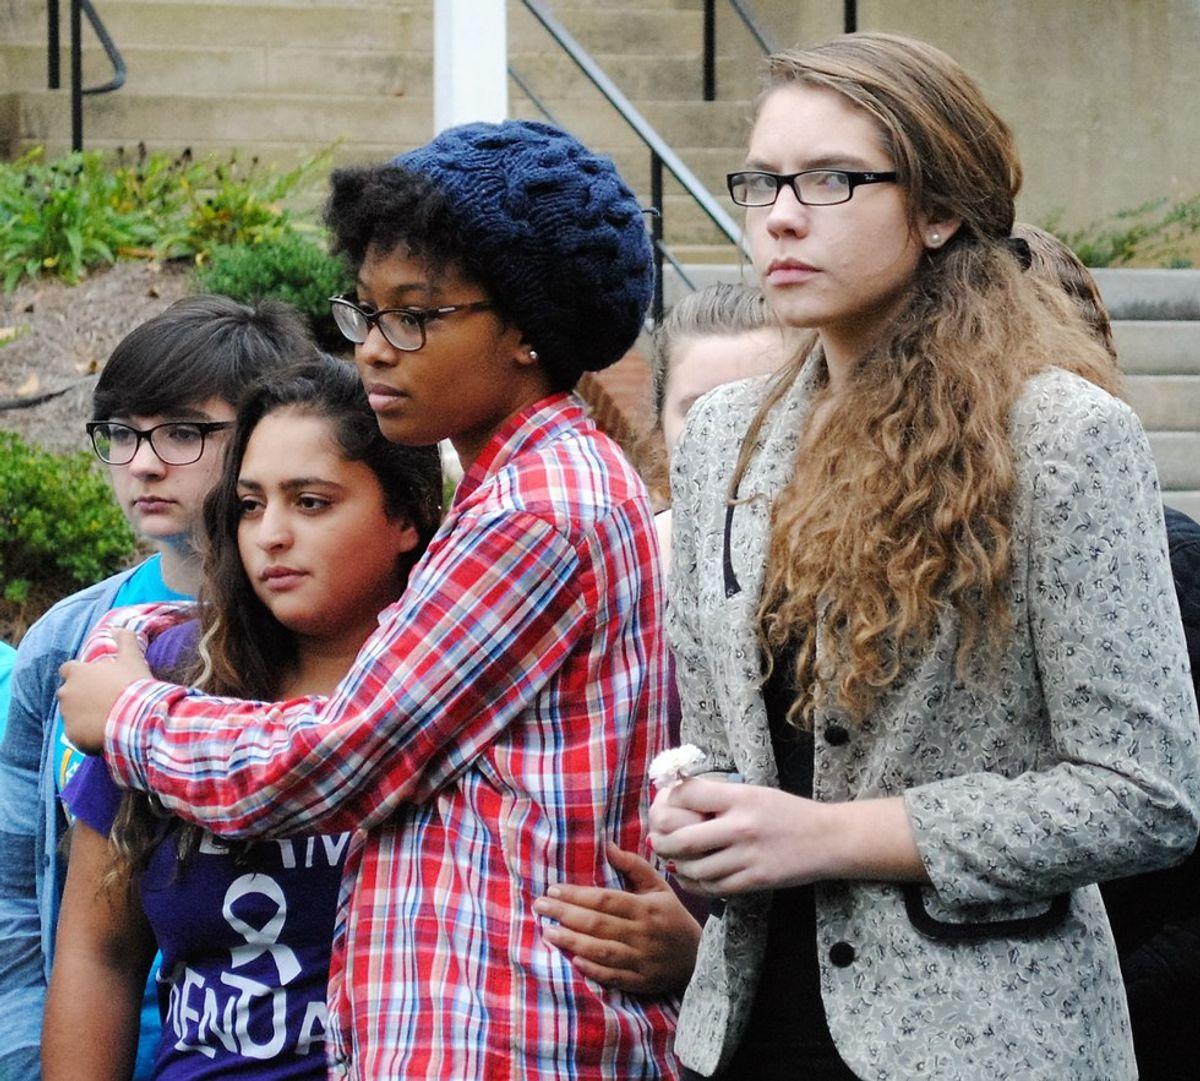 Tragedy at Winston-Salem State University